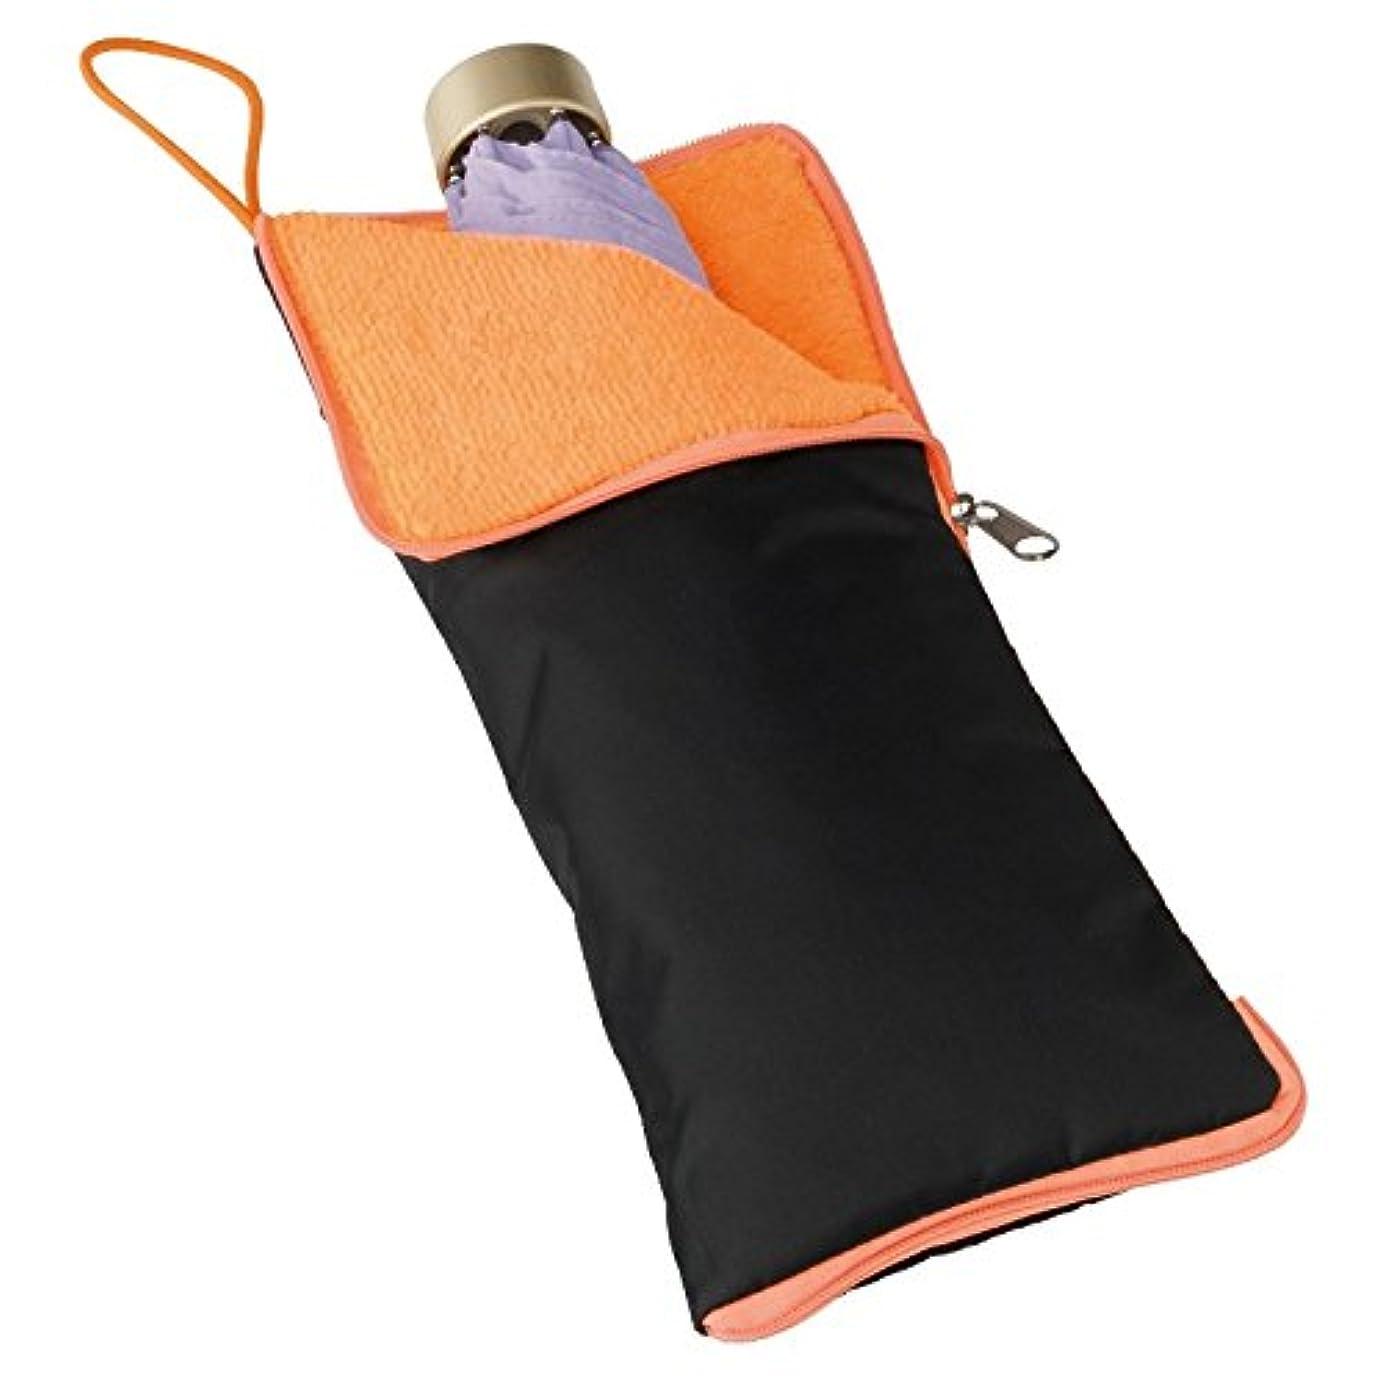 ダンス発疹あまりにも内海産業 超吸水マイクロファイバー傘カバー オレンジ